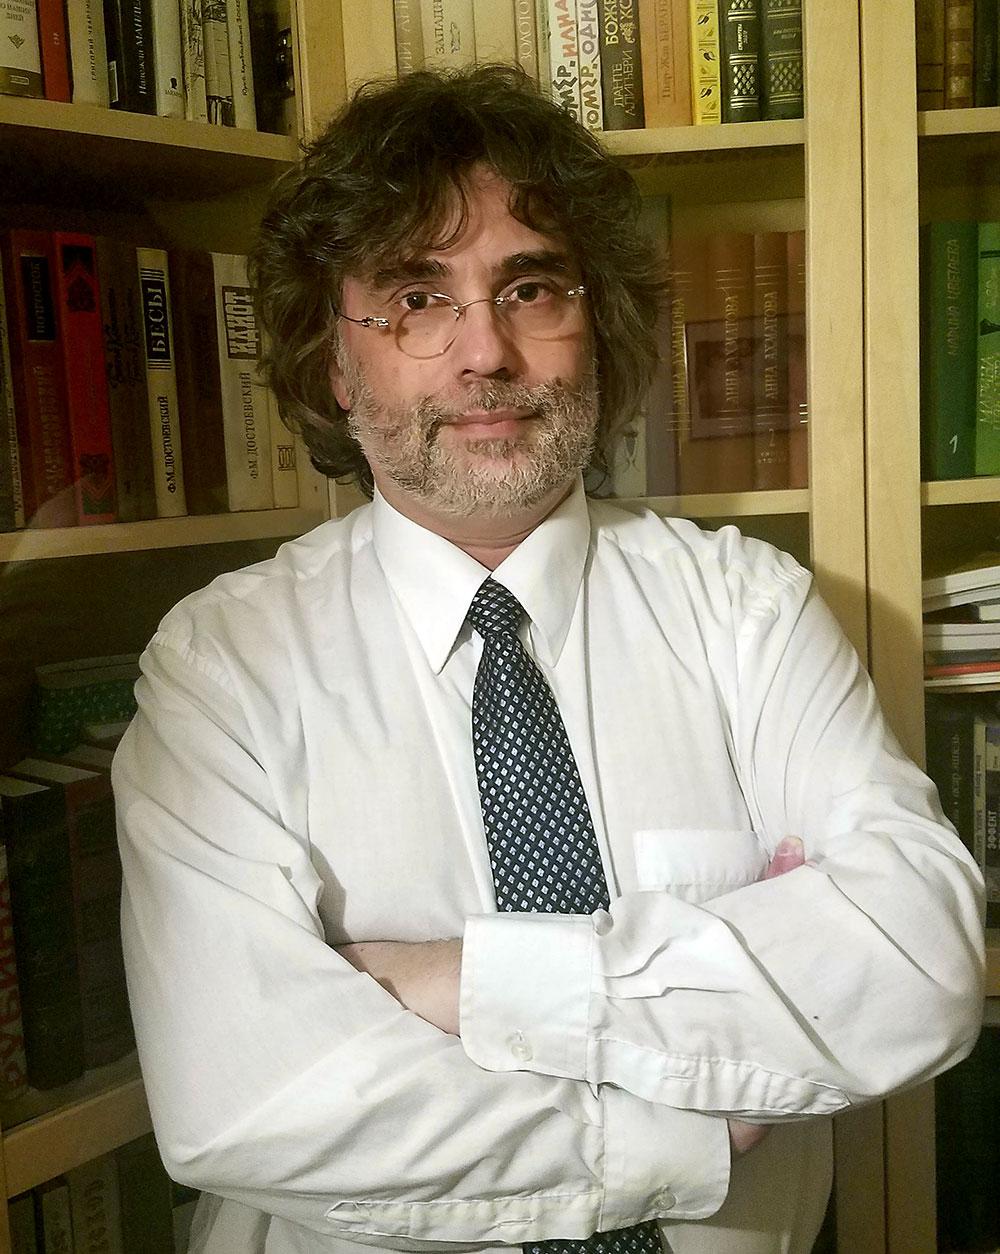 Игорь Курас — основатель и редактор отдела поэзии журнала ЭТАЖИ